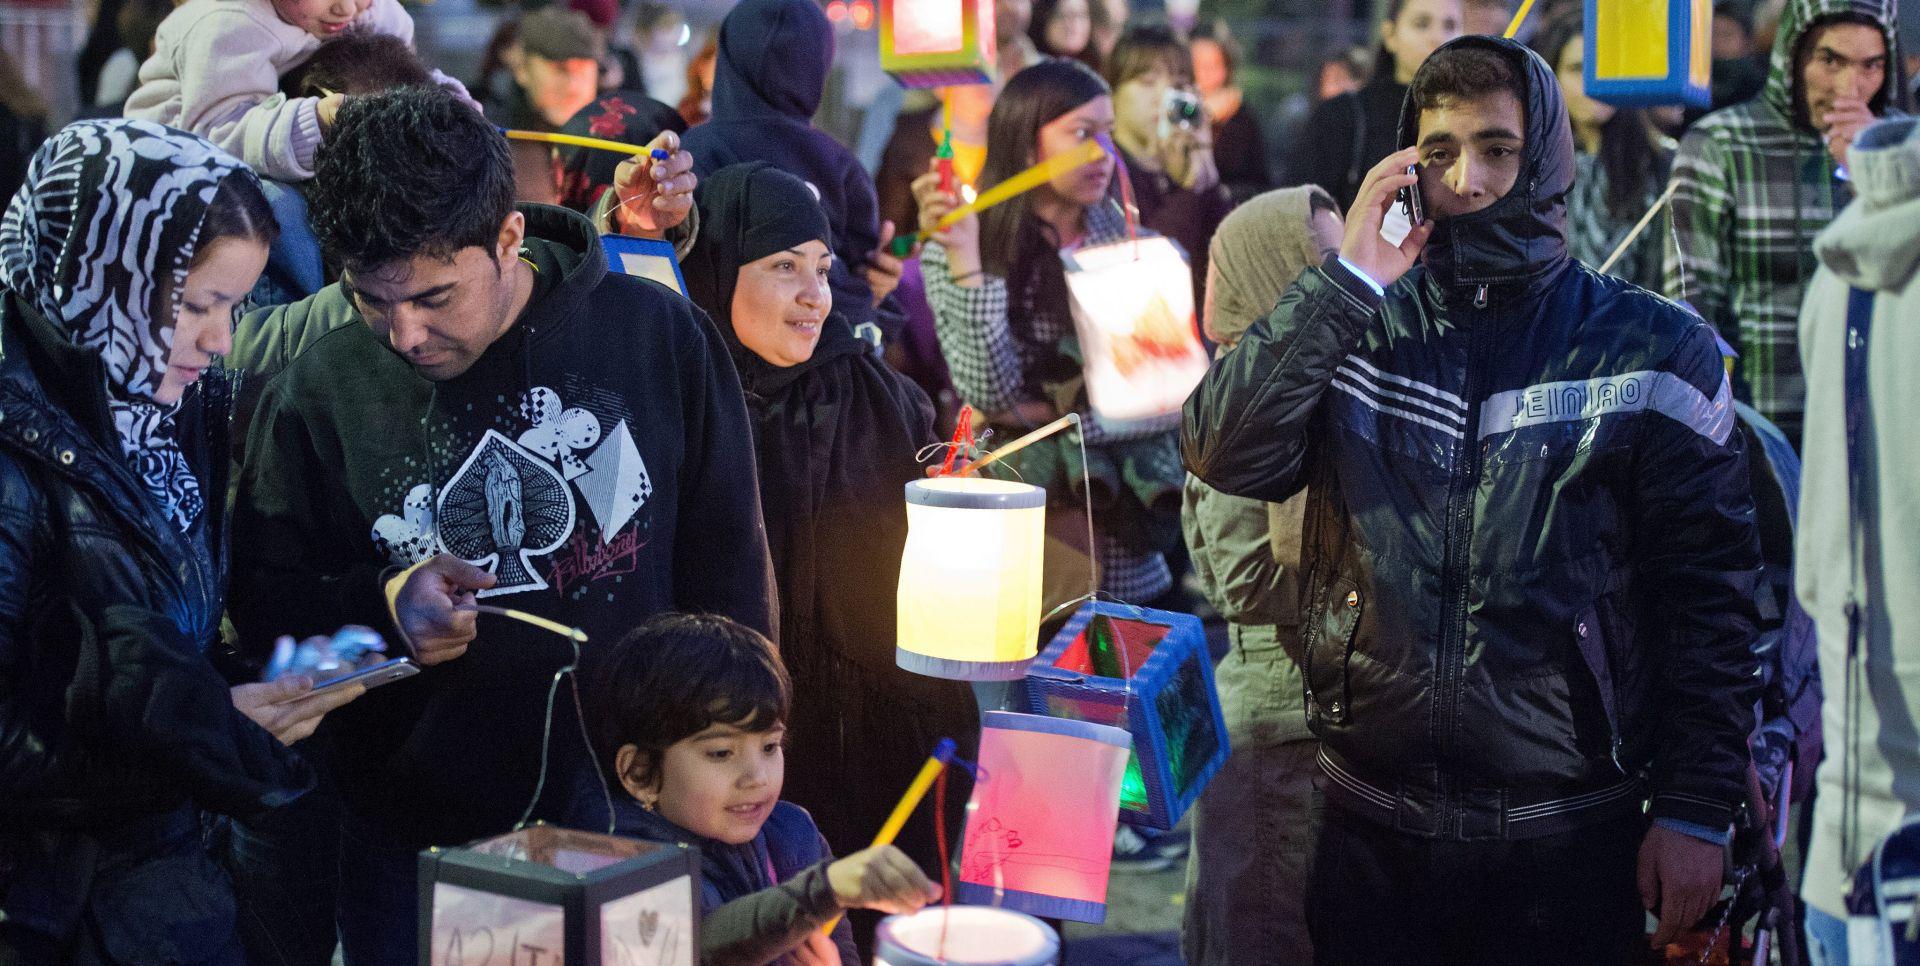 Njemačka: Dolaskom izbjeglica nije povećana stopa kriminala